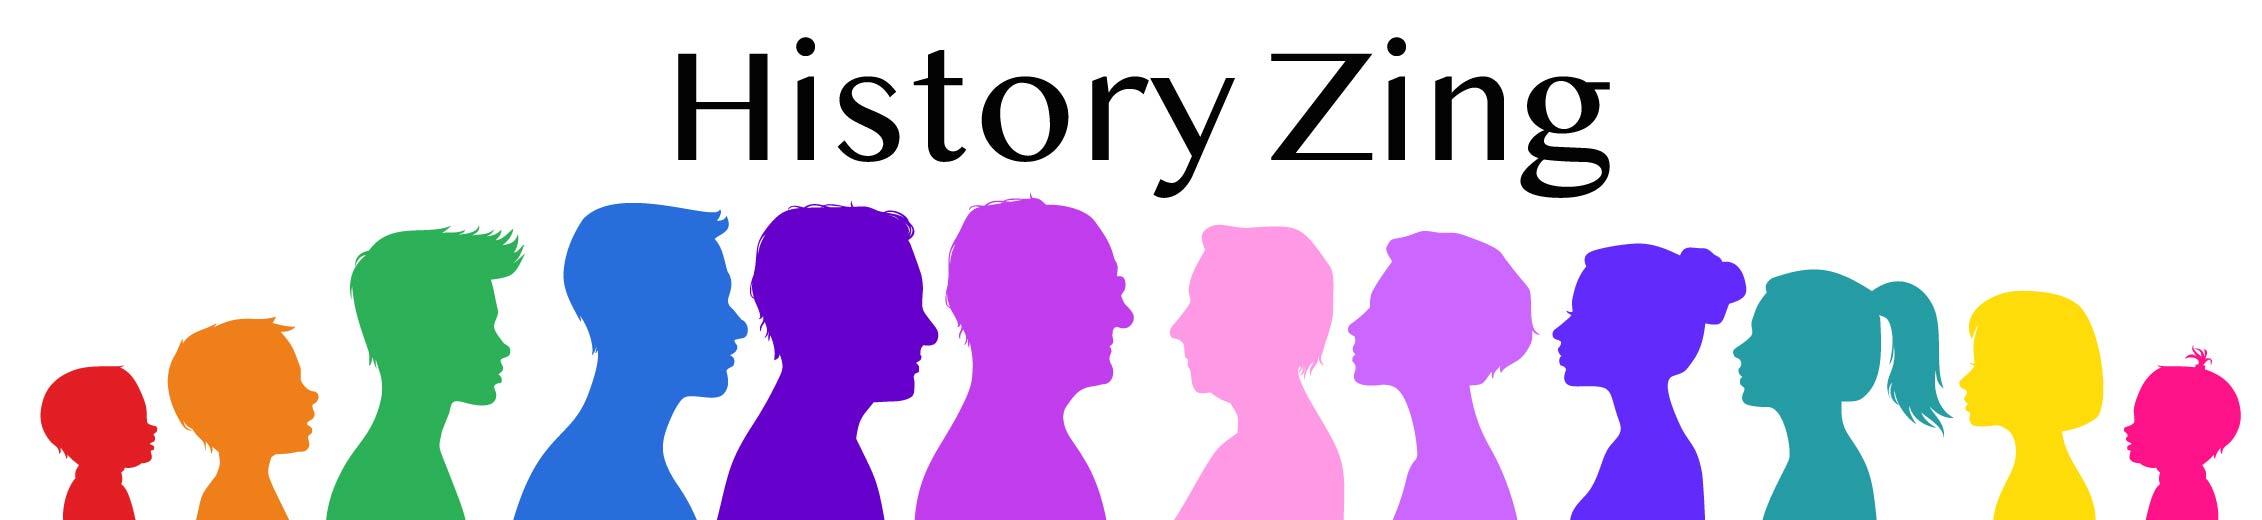 Logo History Zing